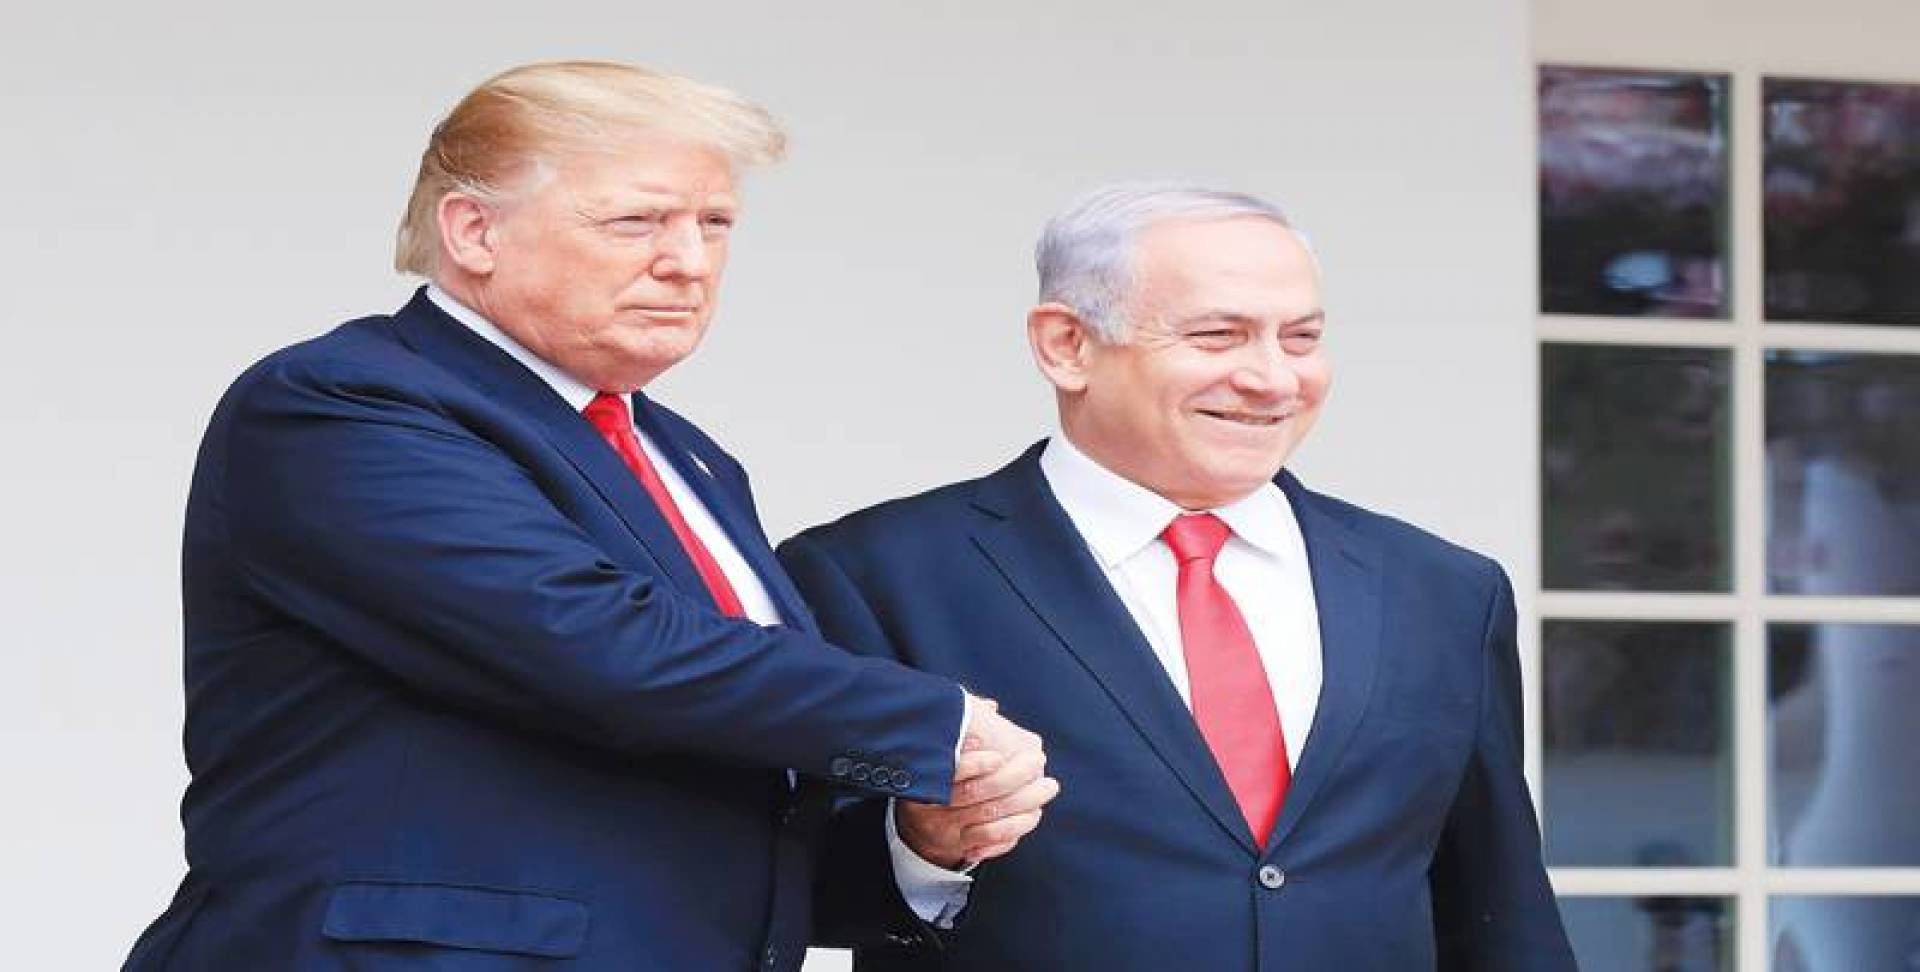 ترامب ونتانياهو.. تحالف لن يضر الا اسرائيل على المدى الطويل | ا ب